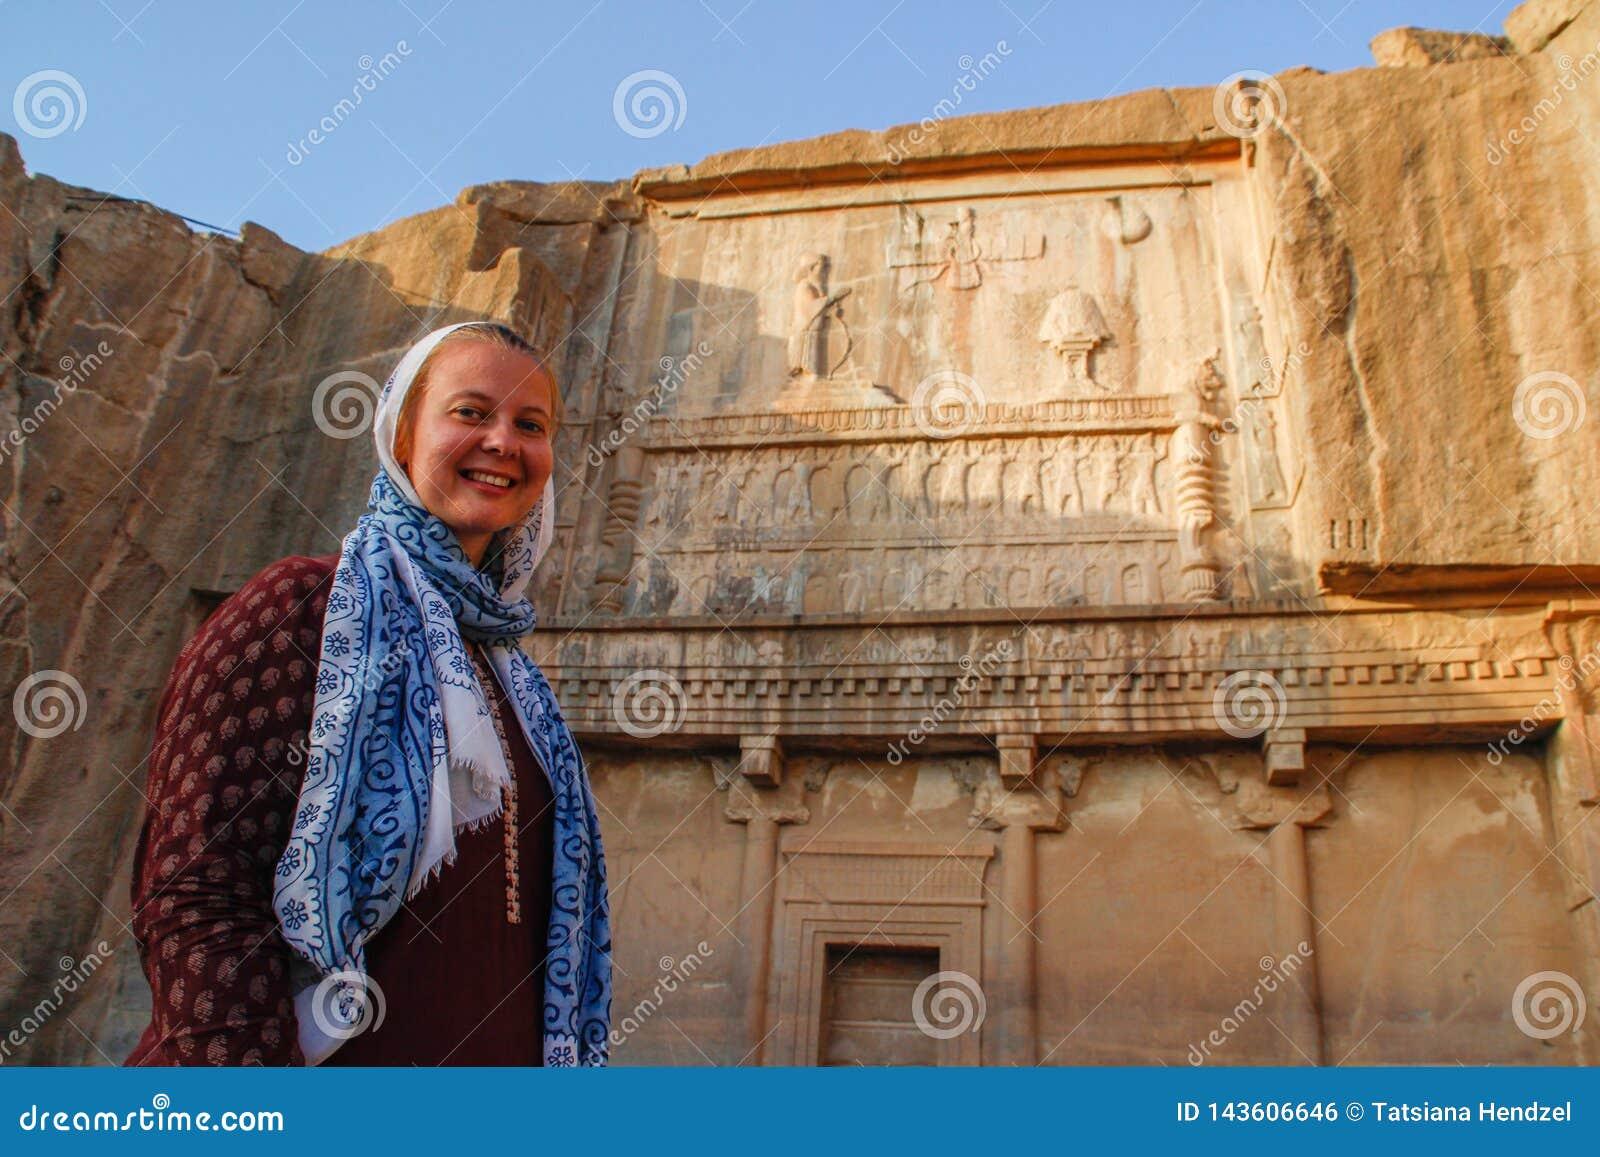 El turista de la mujer joven con una cabeza cubierta se coloca en el fondo de los bajorrelieves famosos de la capital de Persia I